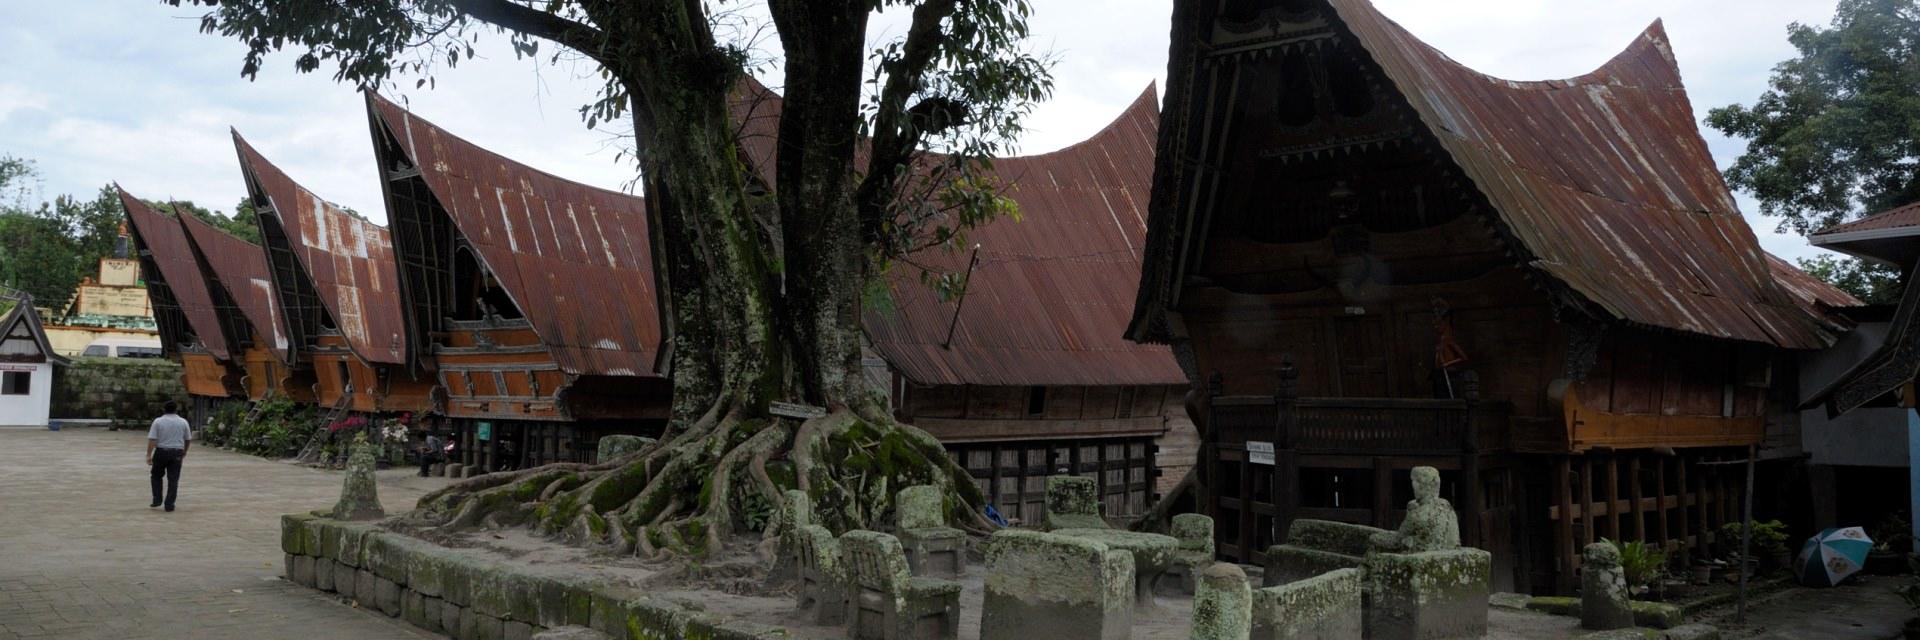 Huta Siallagan di Samosir Perkampungan Kanibal Huta Siallagan di Samosir Perkampungan Kanibal - Dolan Dolen